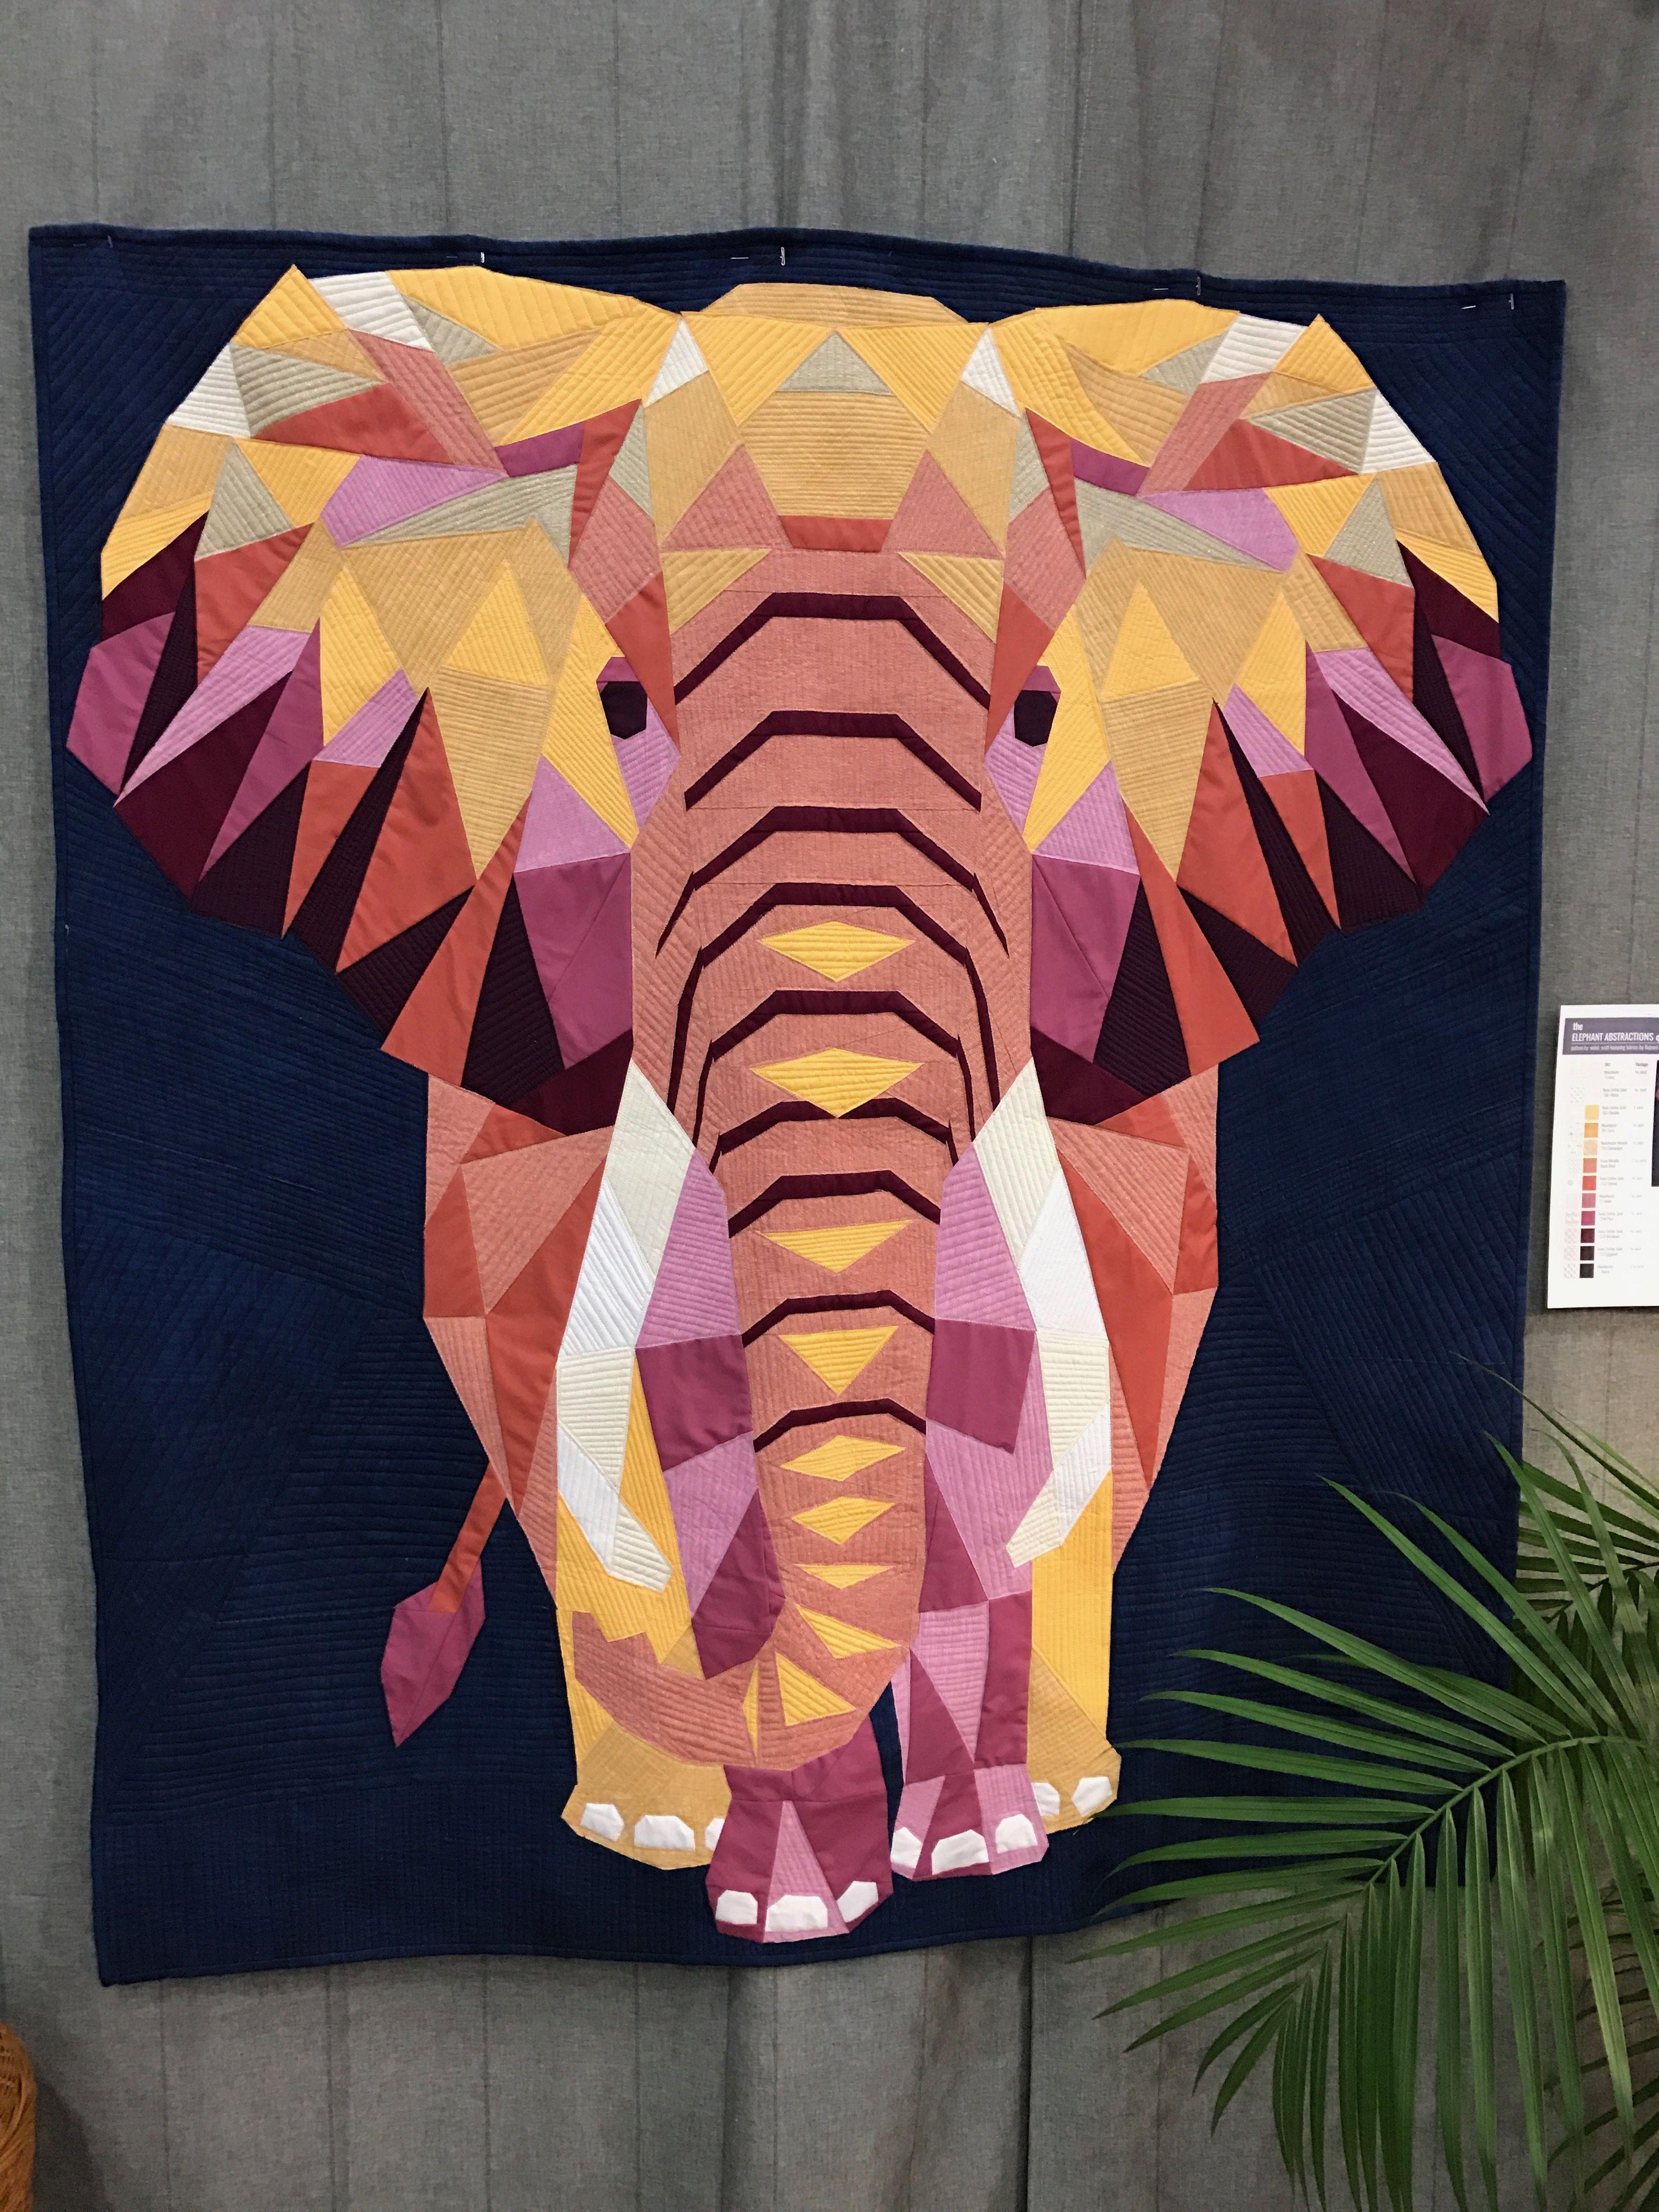 Pin von Leslie Levesque auf Quilts, Quilts, Quilts | Pinterest ...